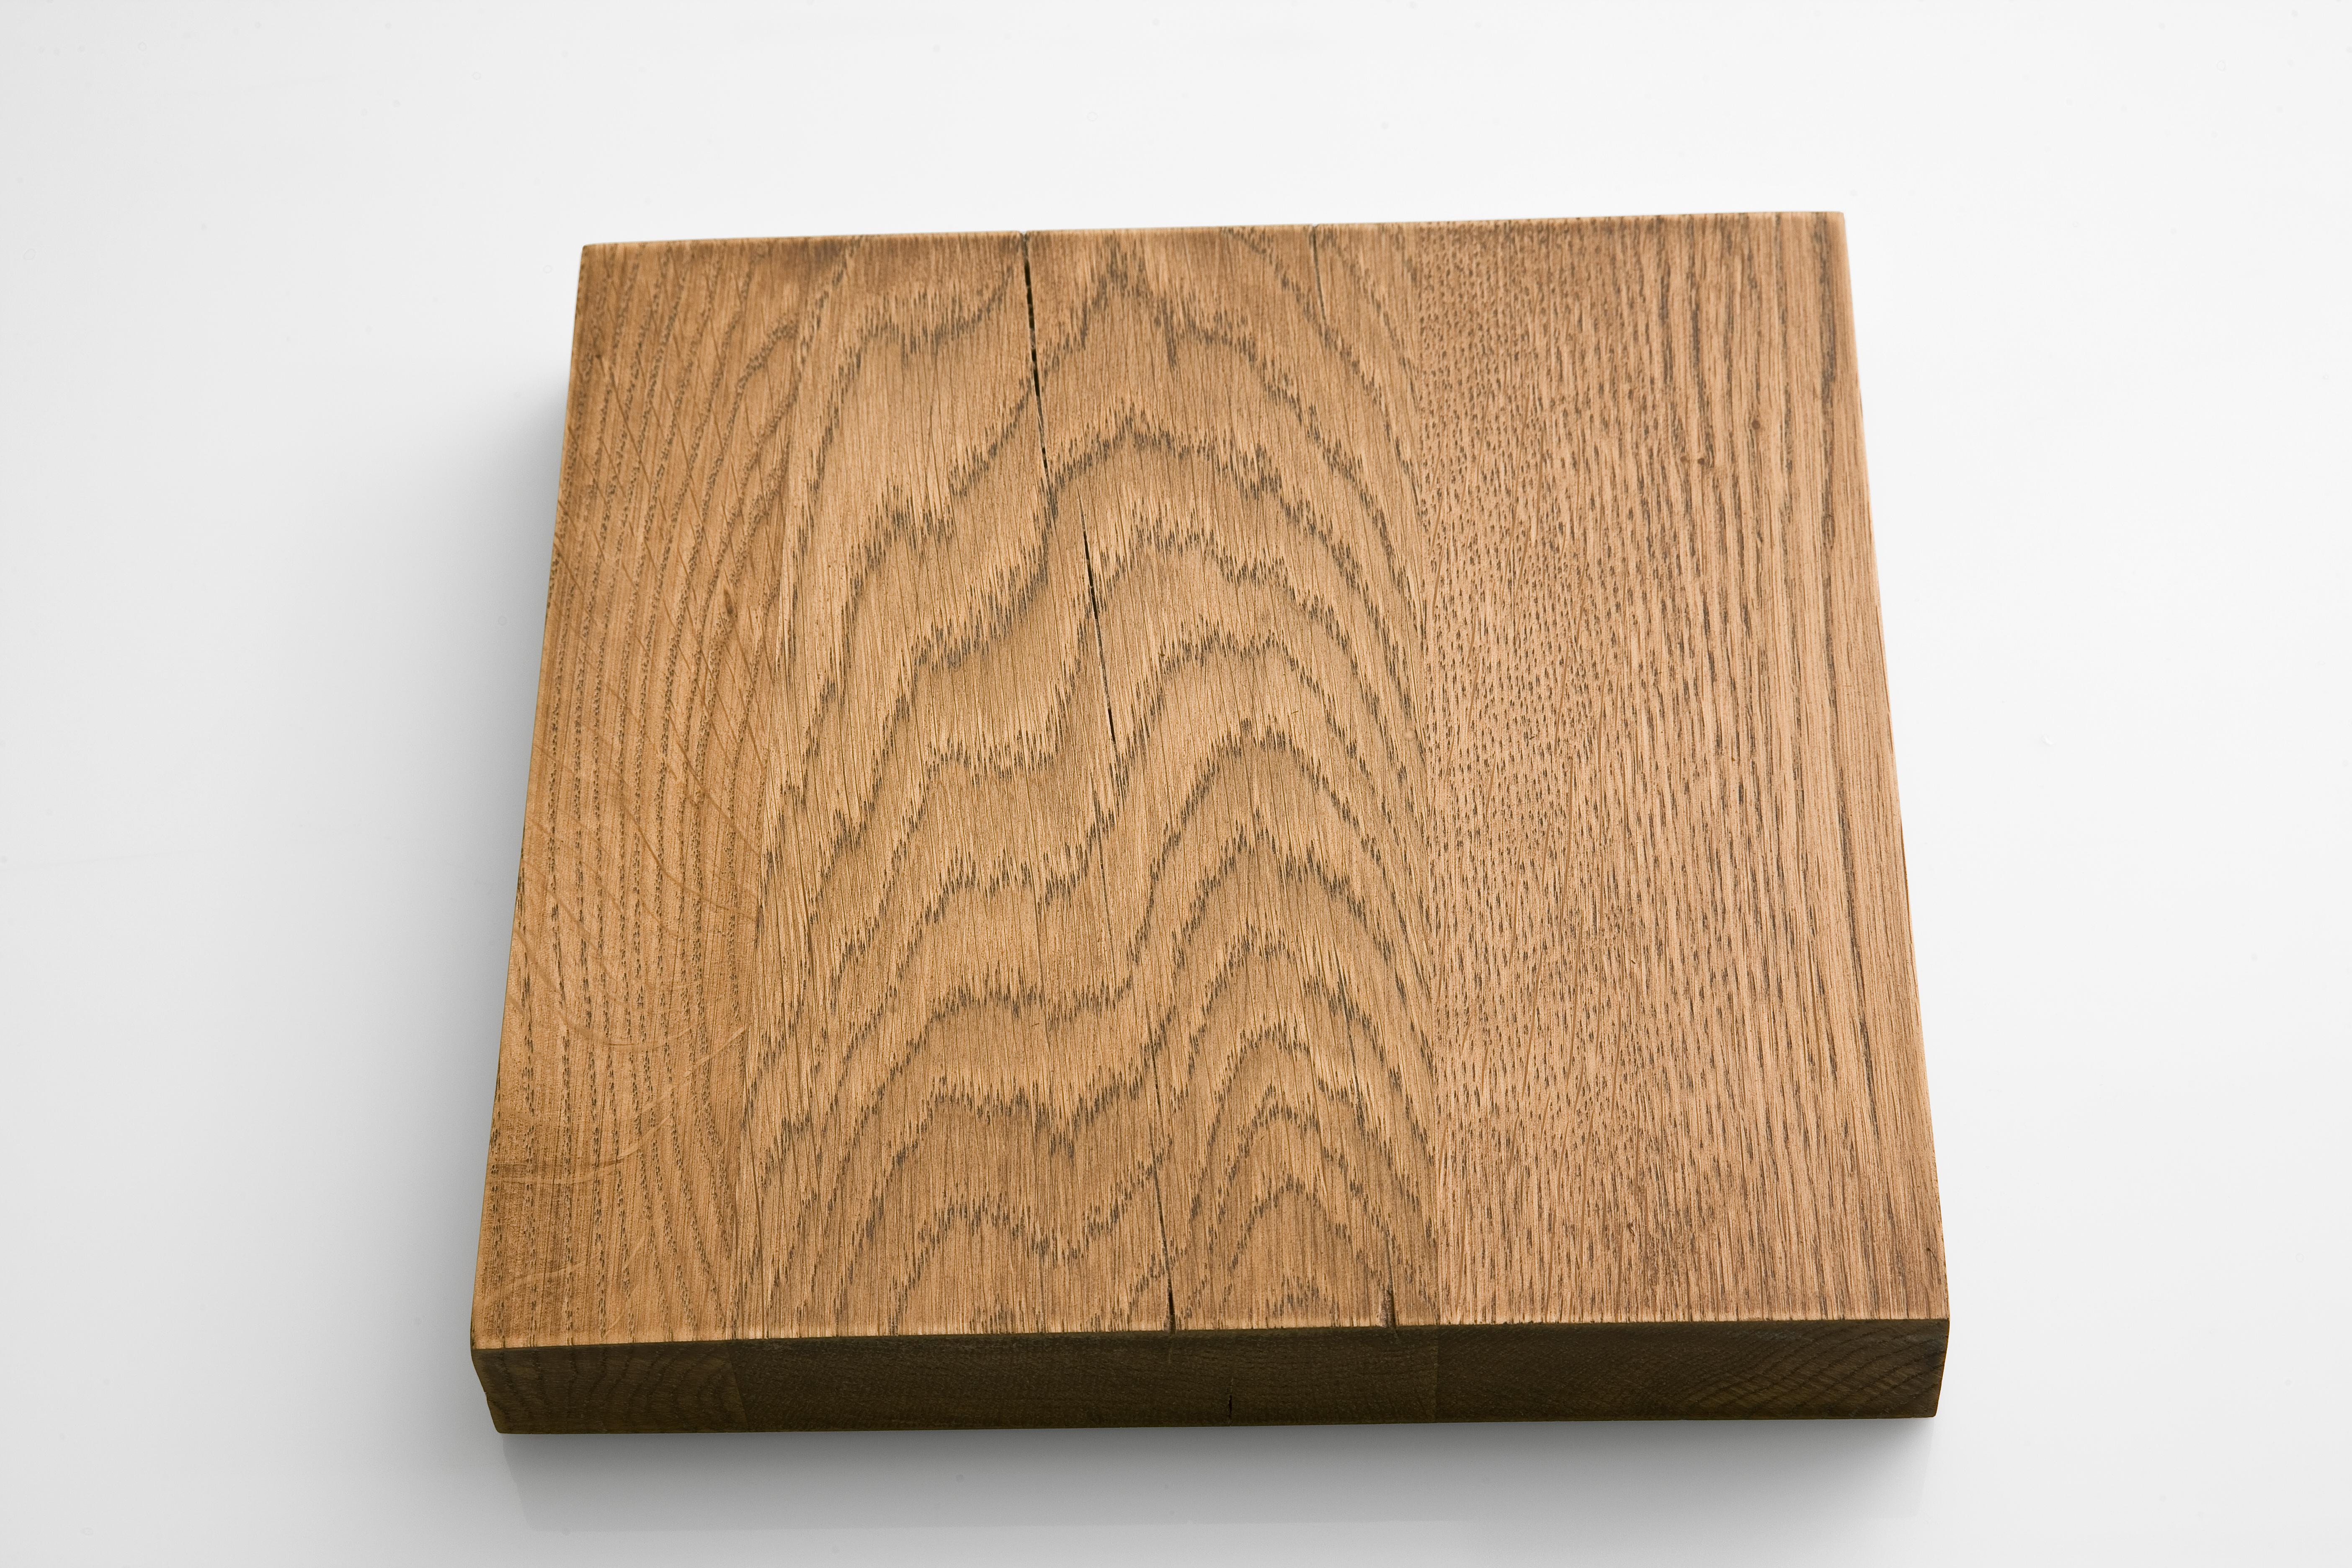 Dubi Esstisch Eiche bassano lackiert 260x100